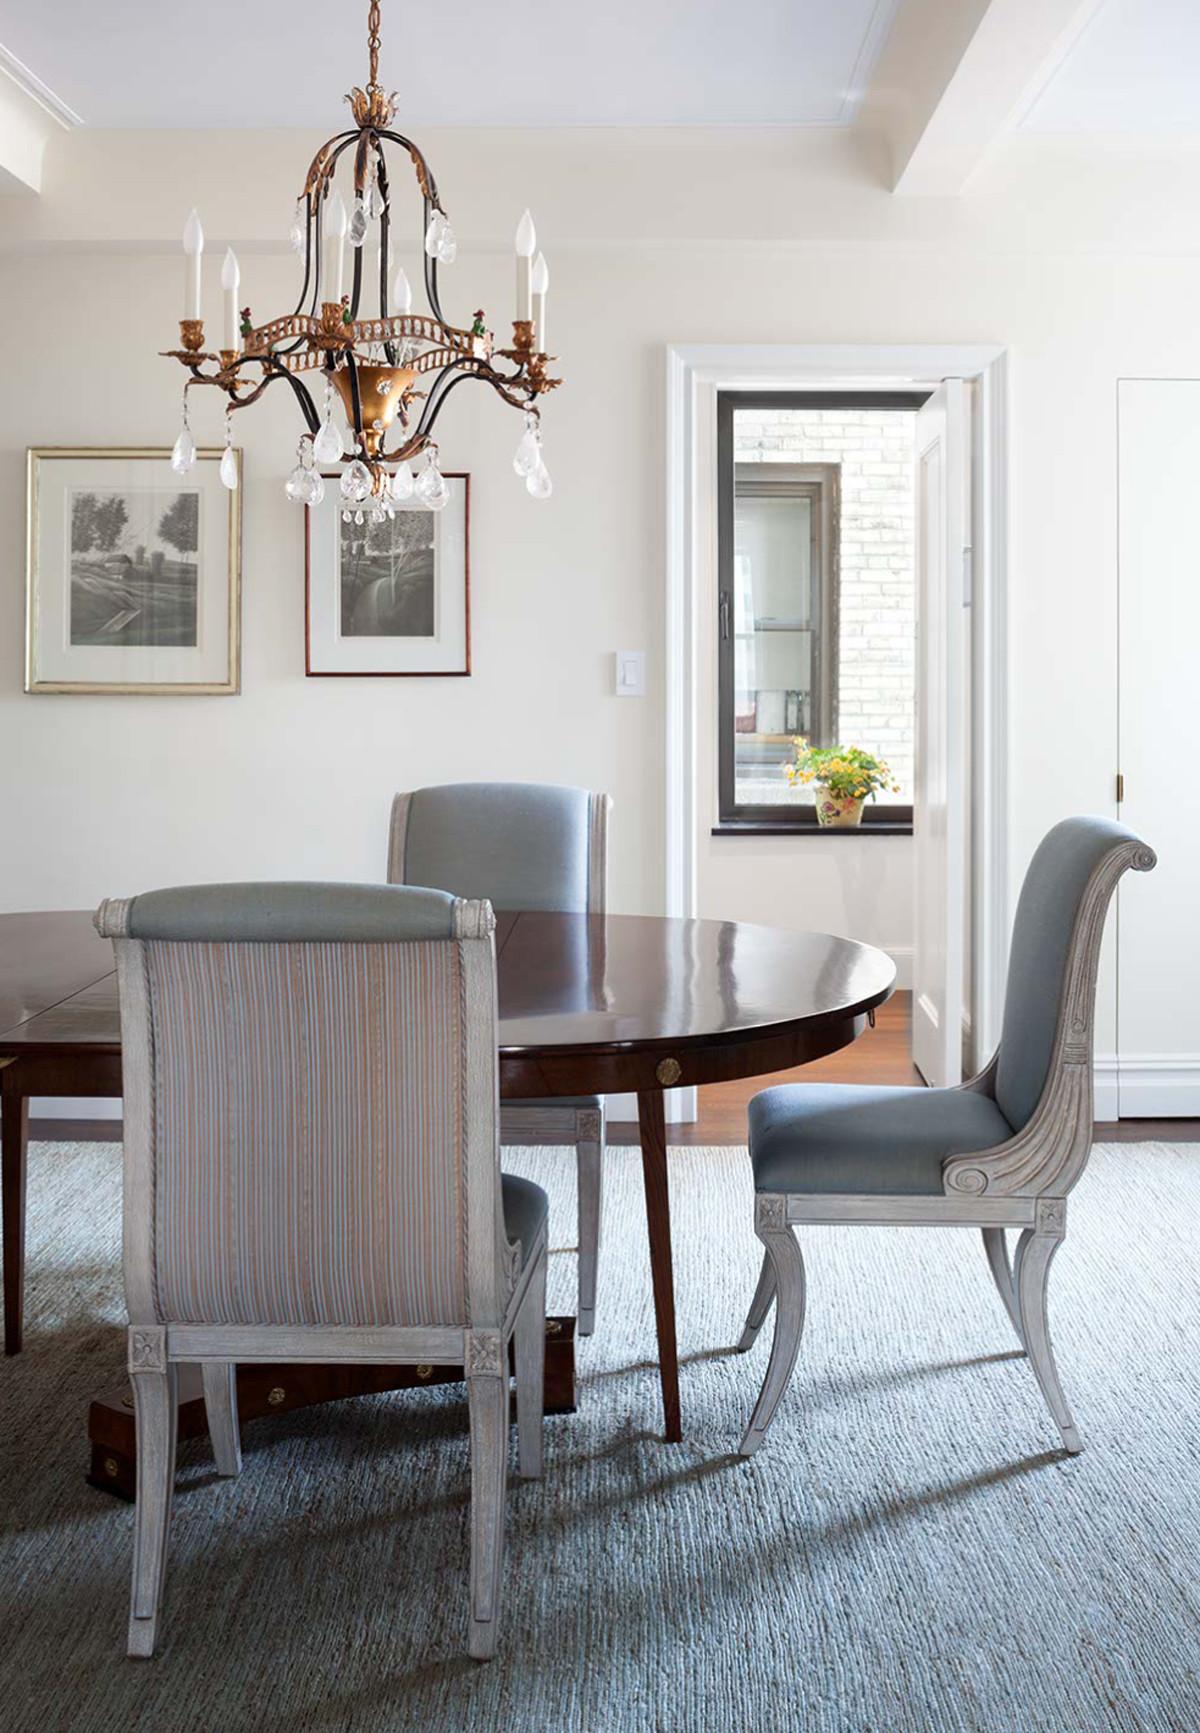 Duplex Apartment Dining Room